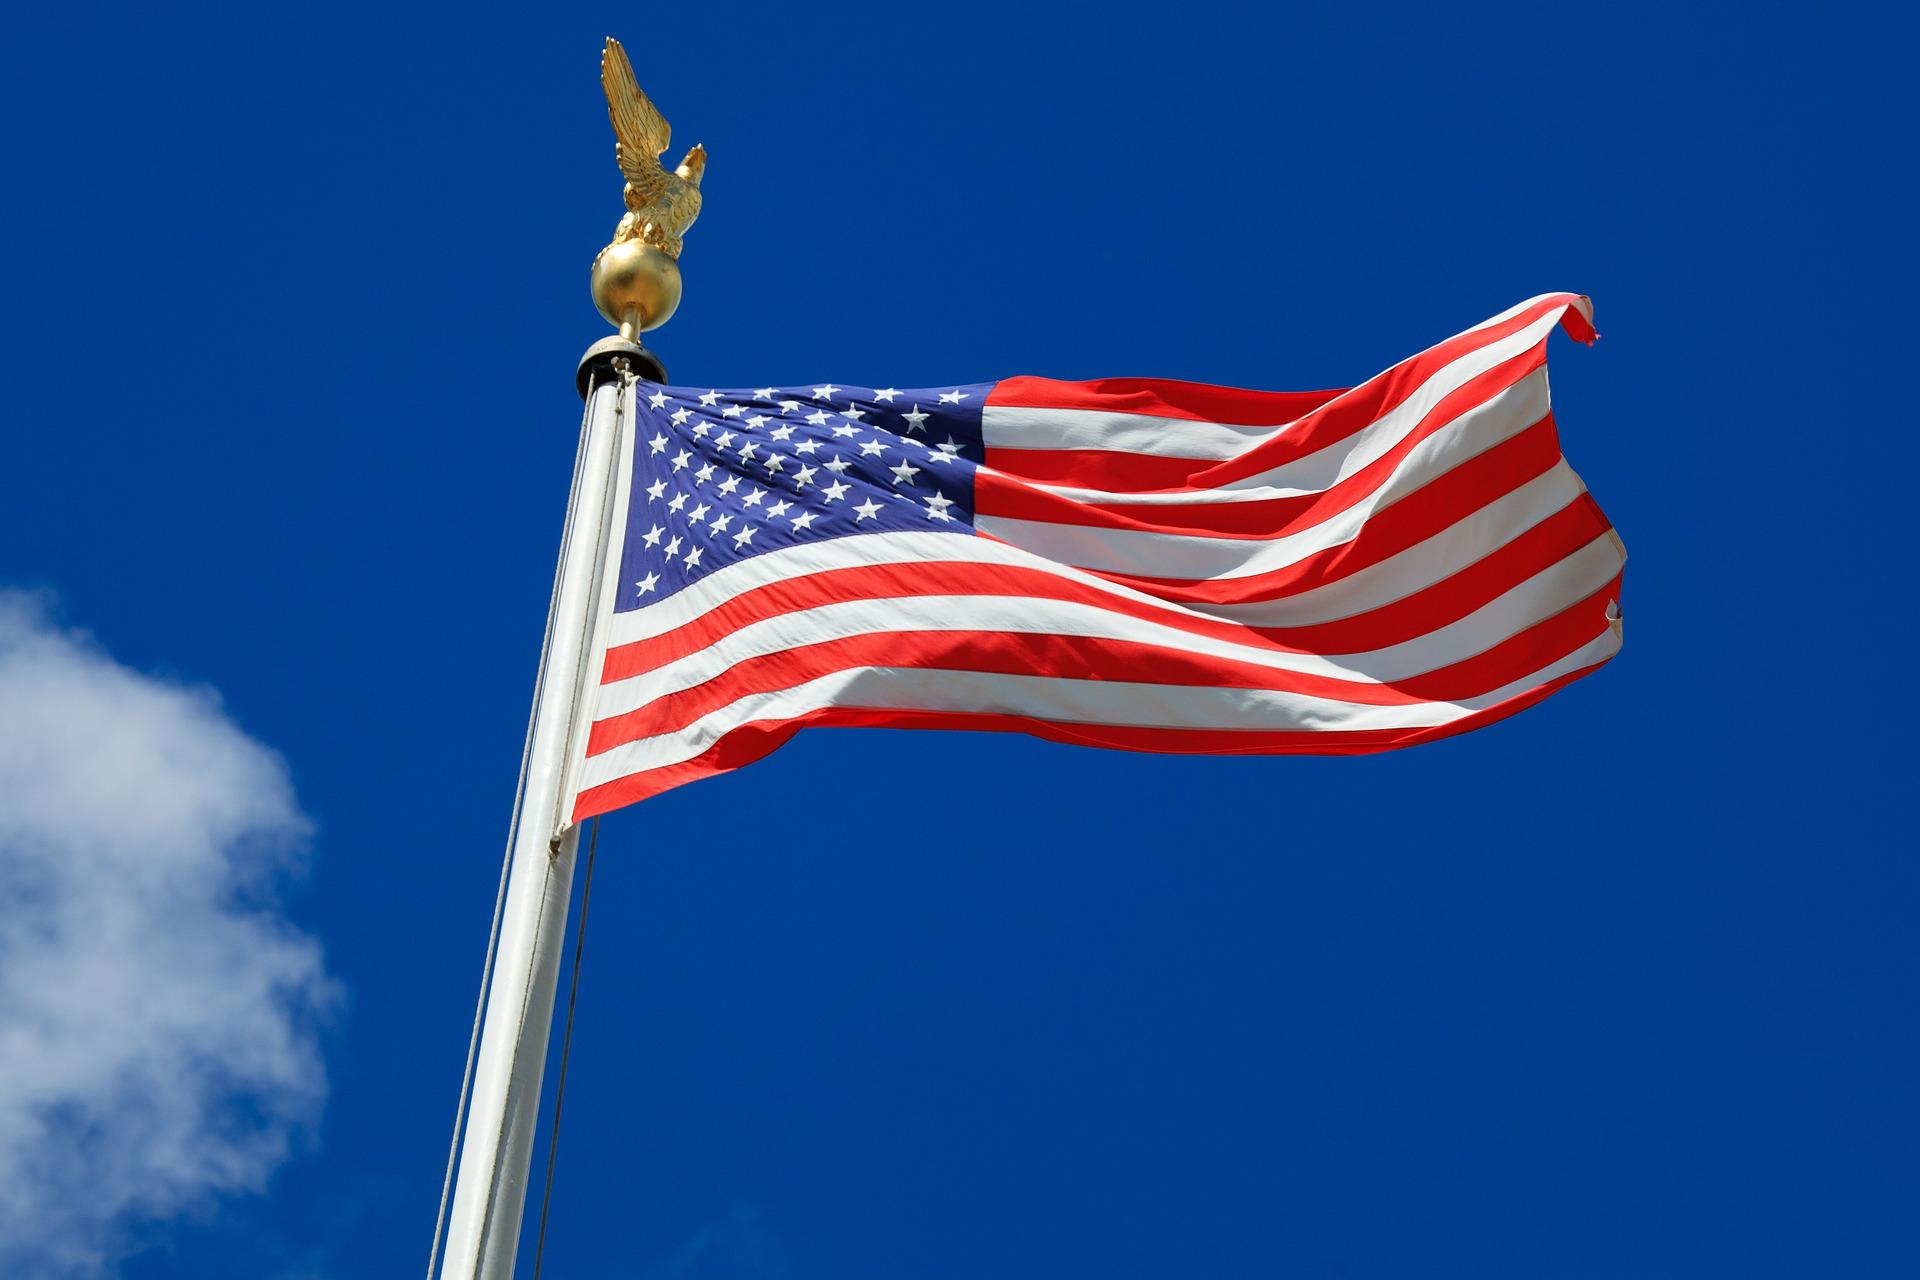 flag-21656_1920.jpg